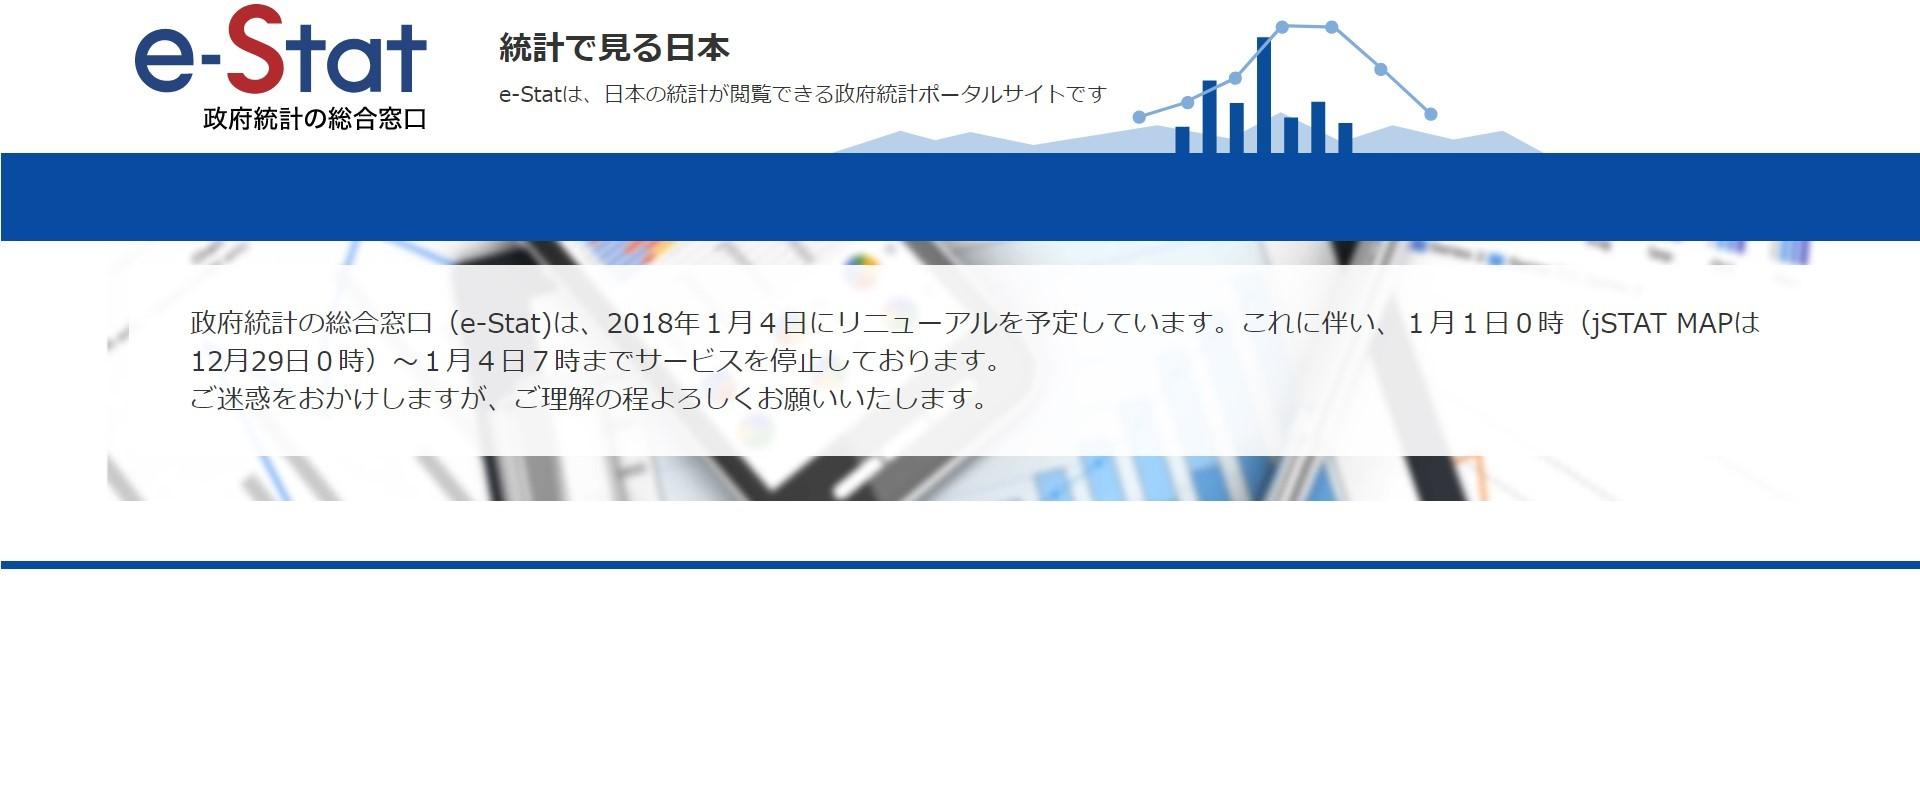 政府統計の総合窓口 e-Stat サービス停止中..._a0004752_09294523.jpg